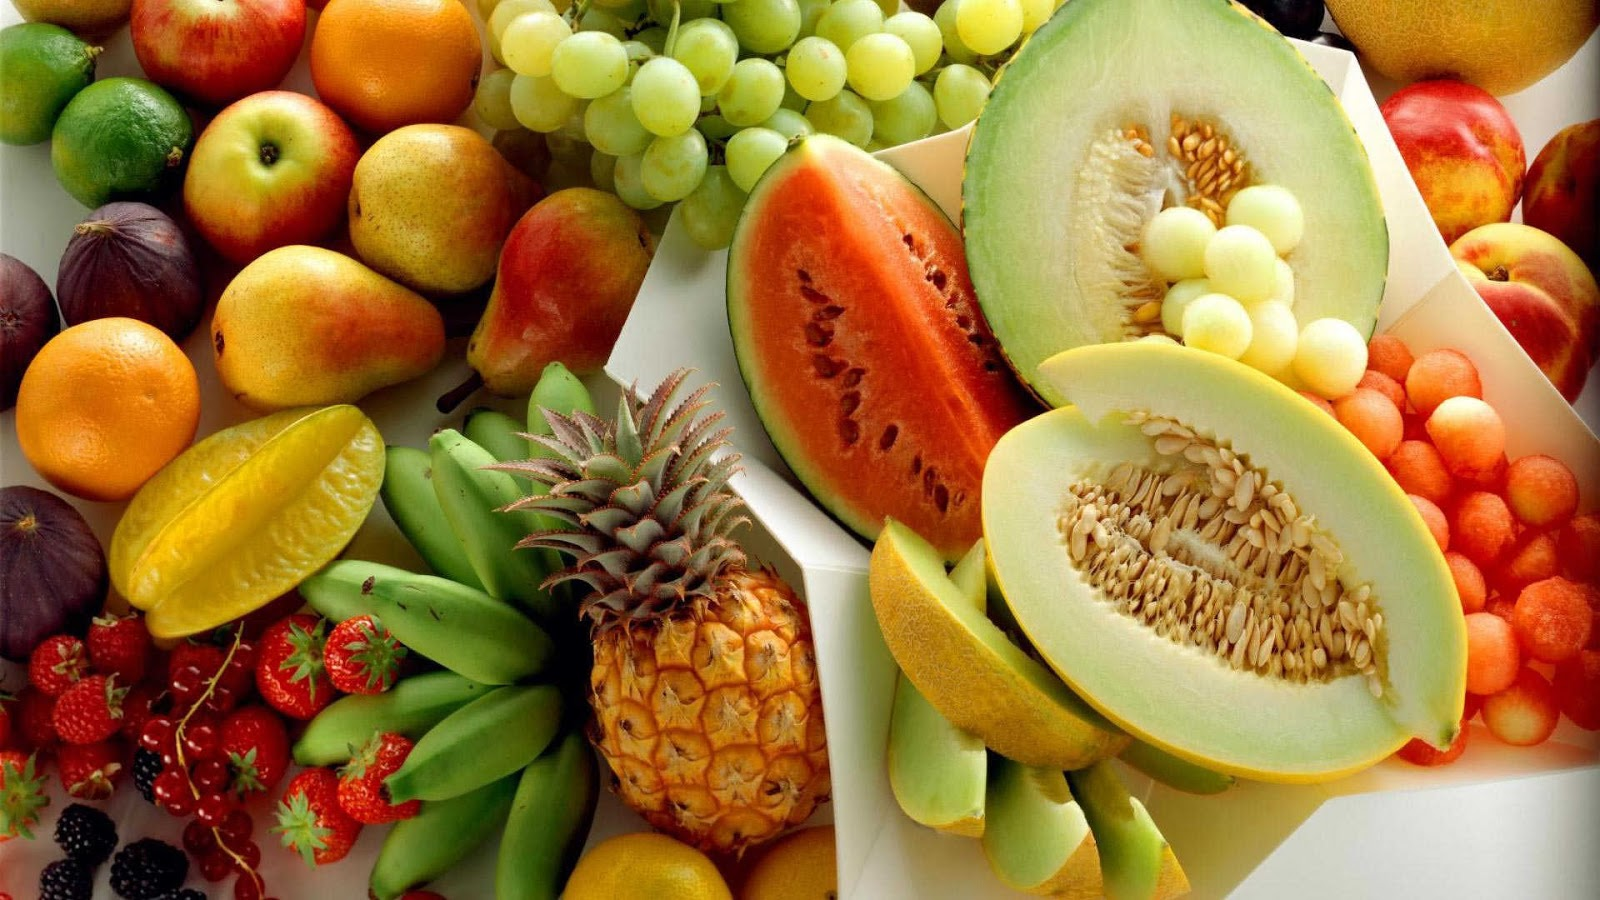 15 Buah Yang Mengandung Serat Paling Tinggi : www.buahaz.com